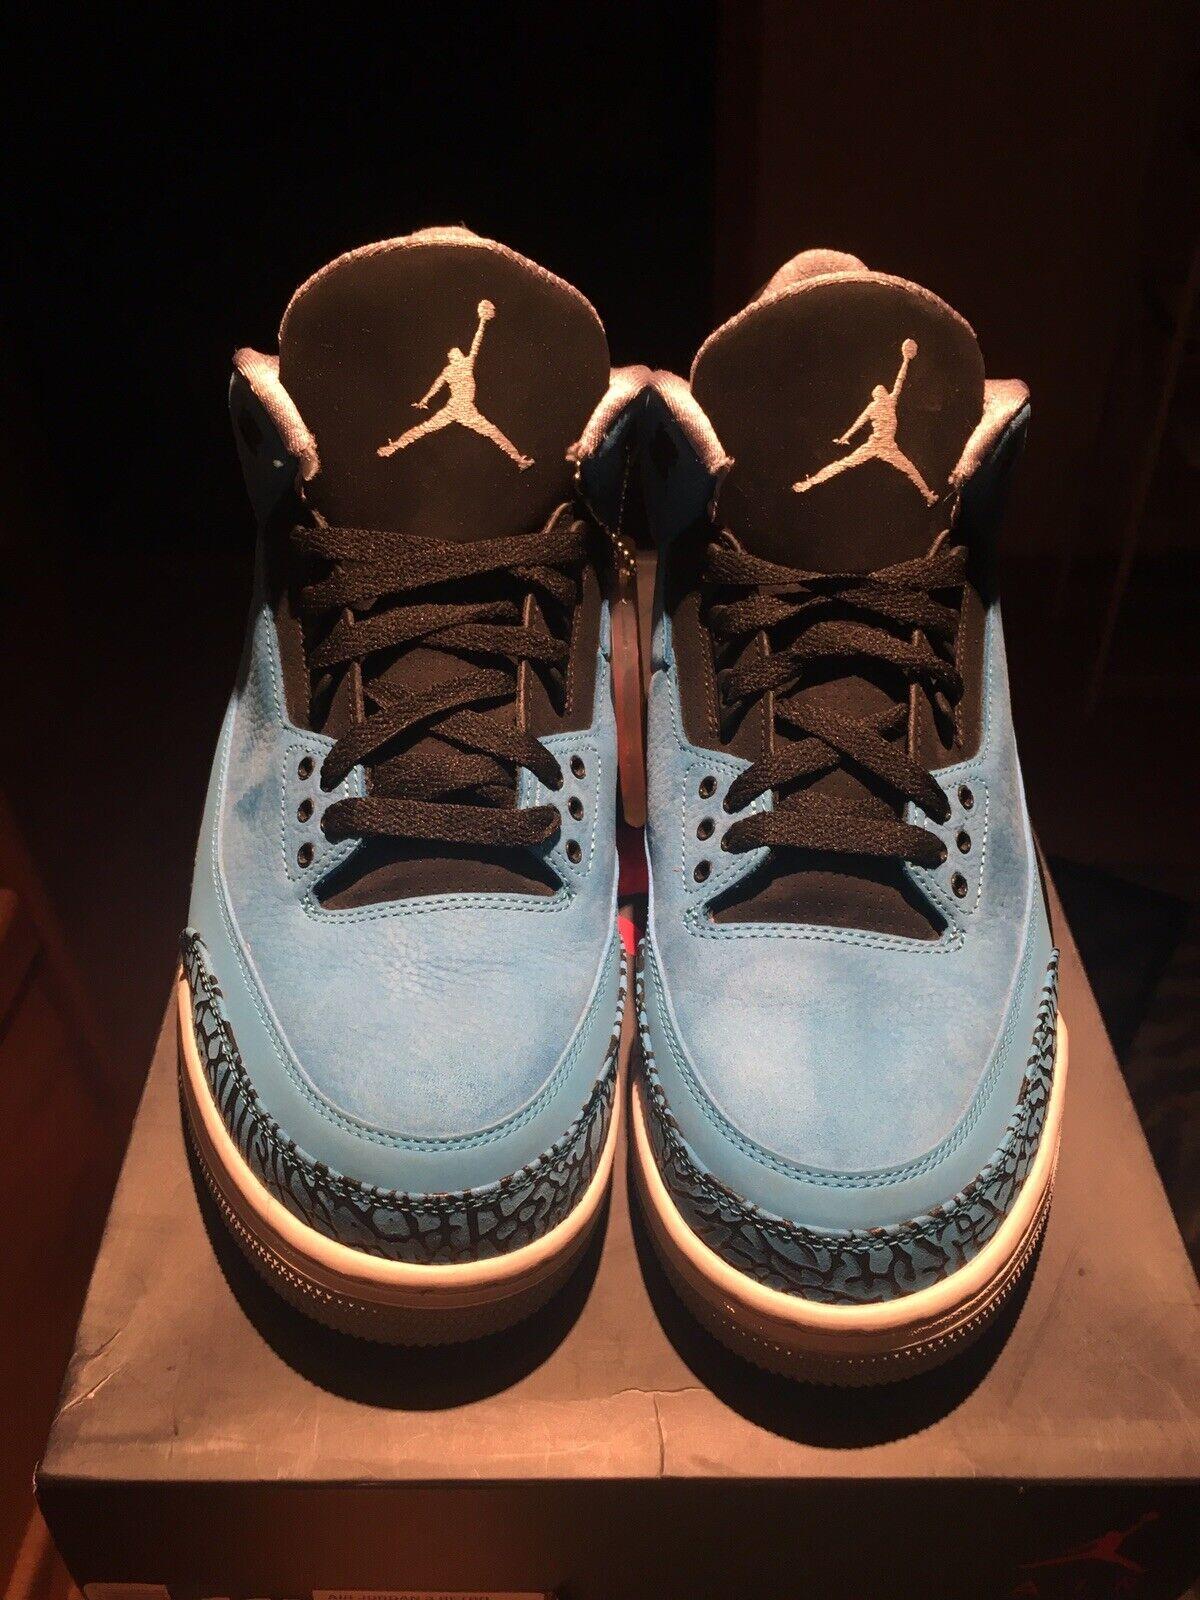 Air Jordan 3 Powder blu Dimensione 11.5 Sautope classeiche da uomo